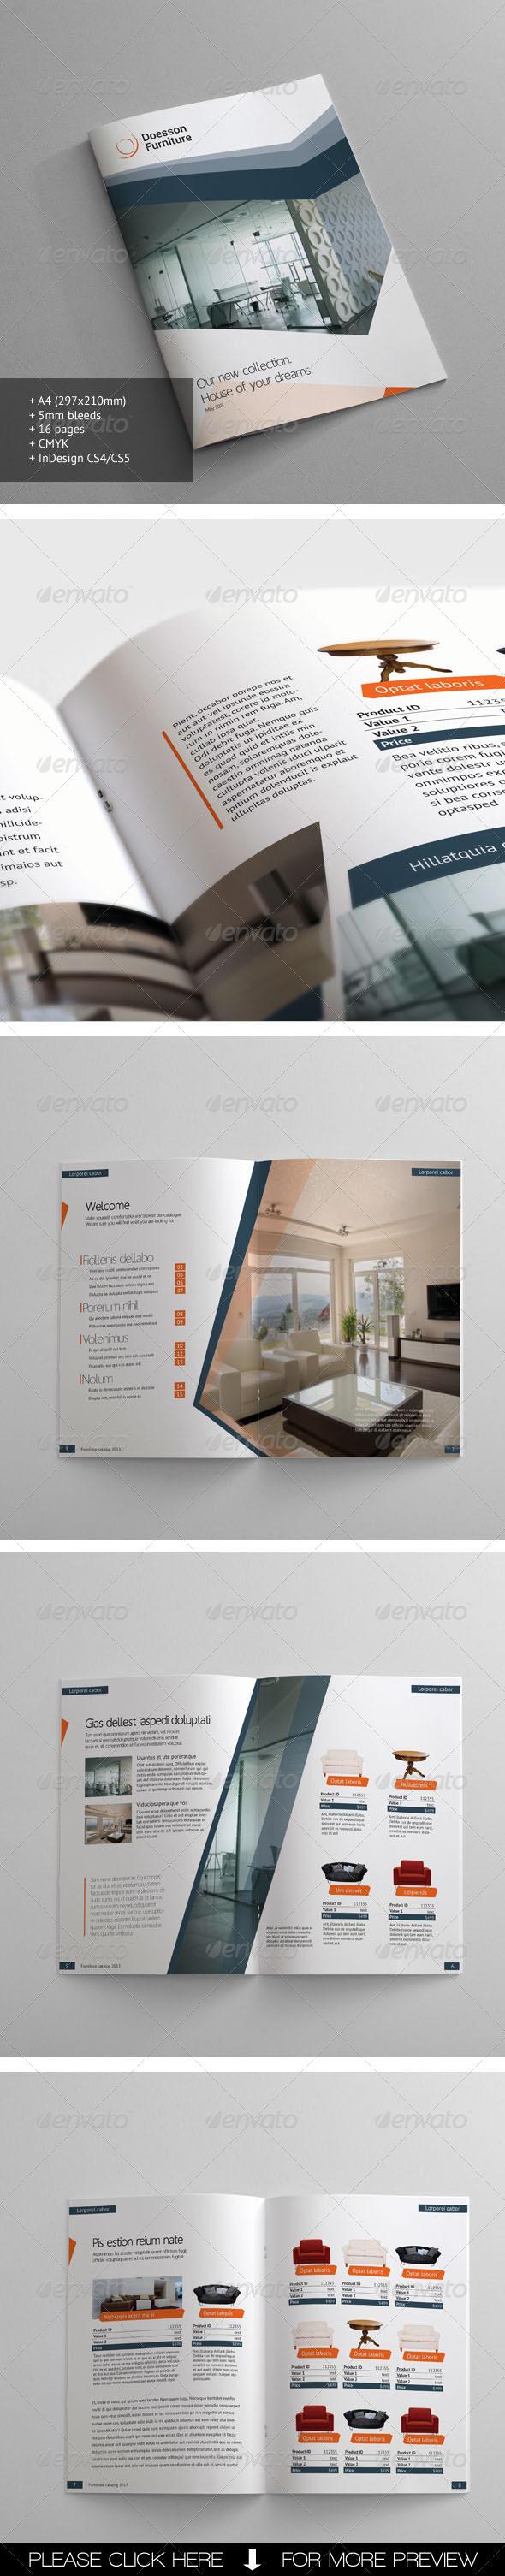 GraphicRiver Furniture Catalogue 4208037